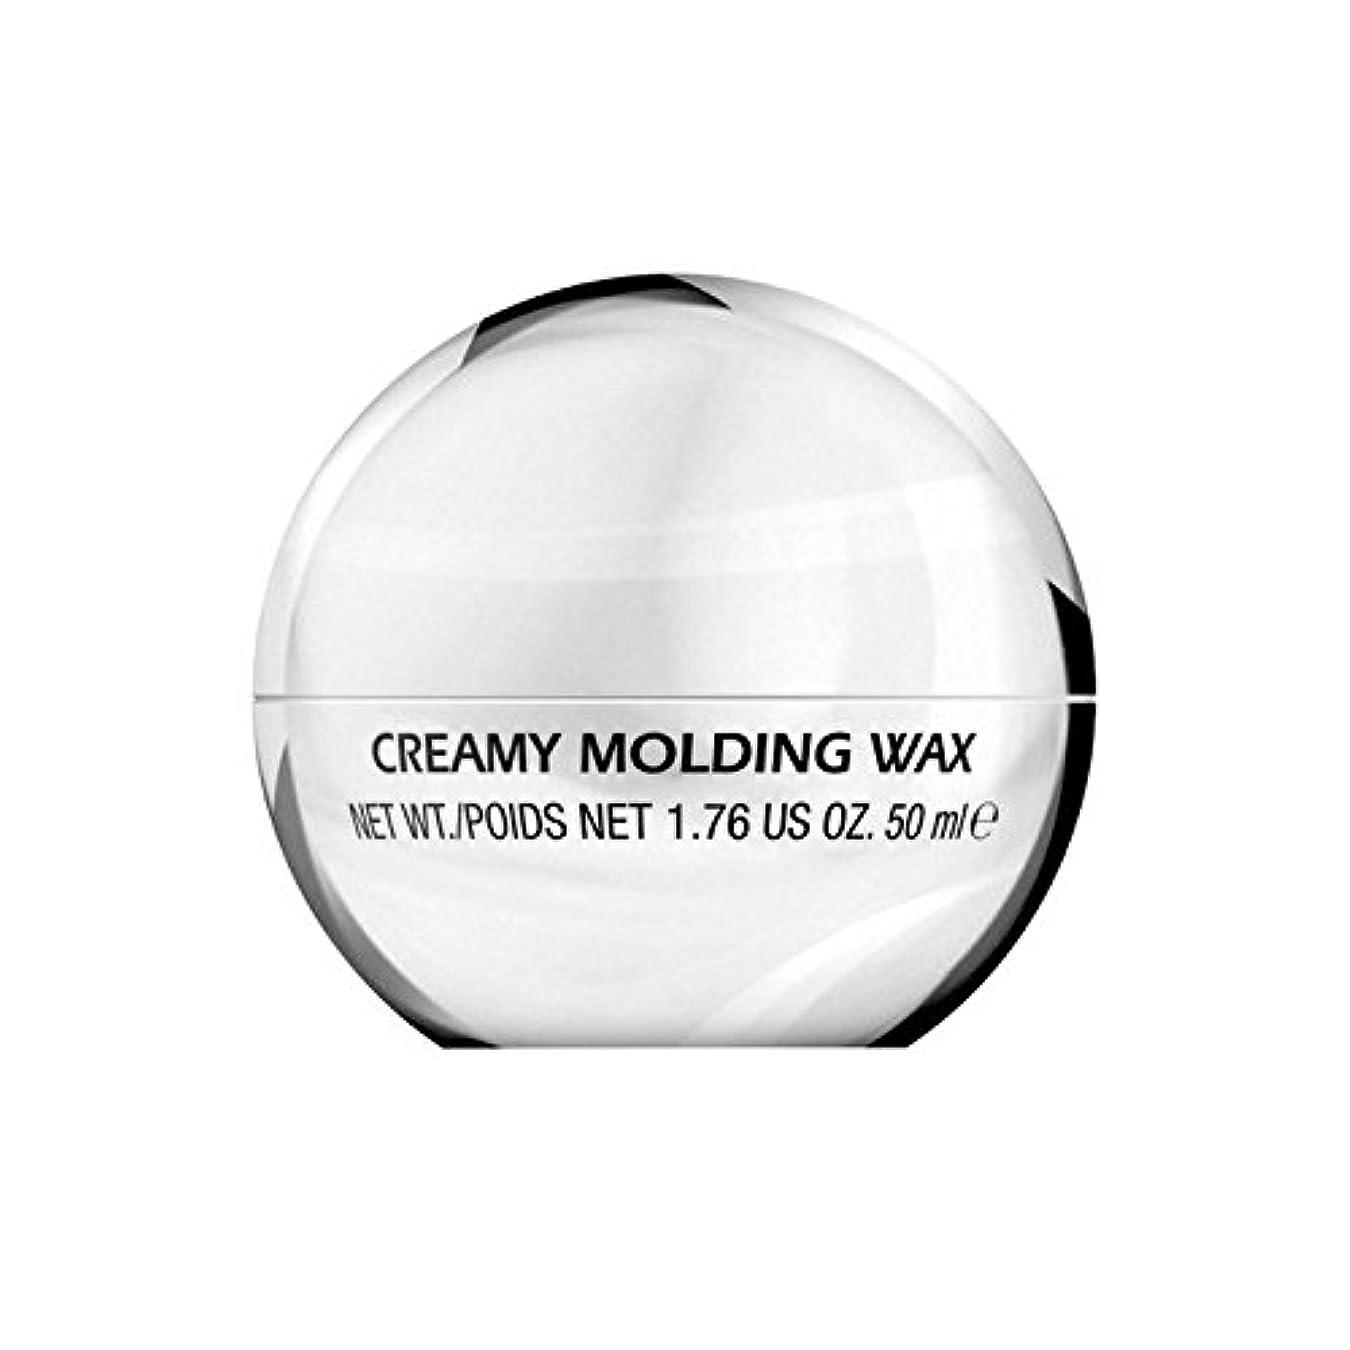 ヒロイック解く人種ティジーファクタークリーミー成形ワックス(50グラム) x4 - Tigi S-Factor Creamy Molding Wax (50G) (Pack of 4) [並行輸入品]